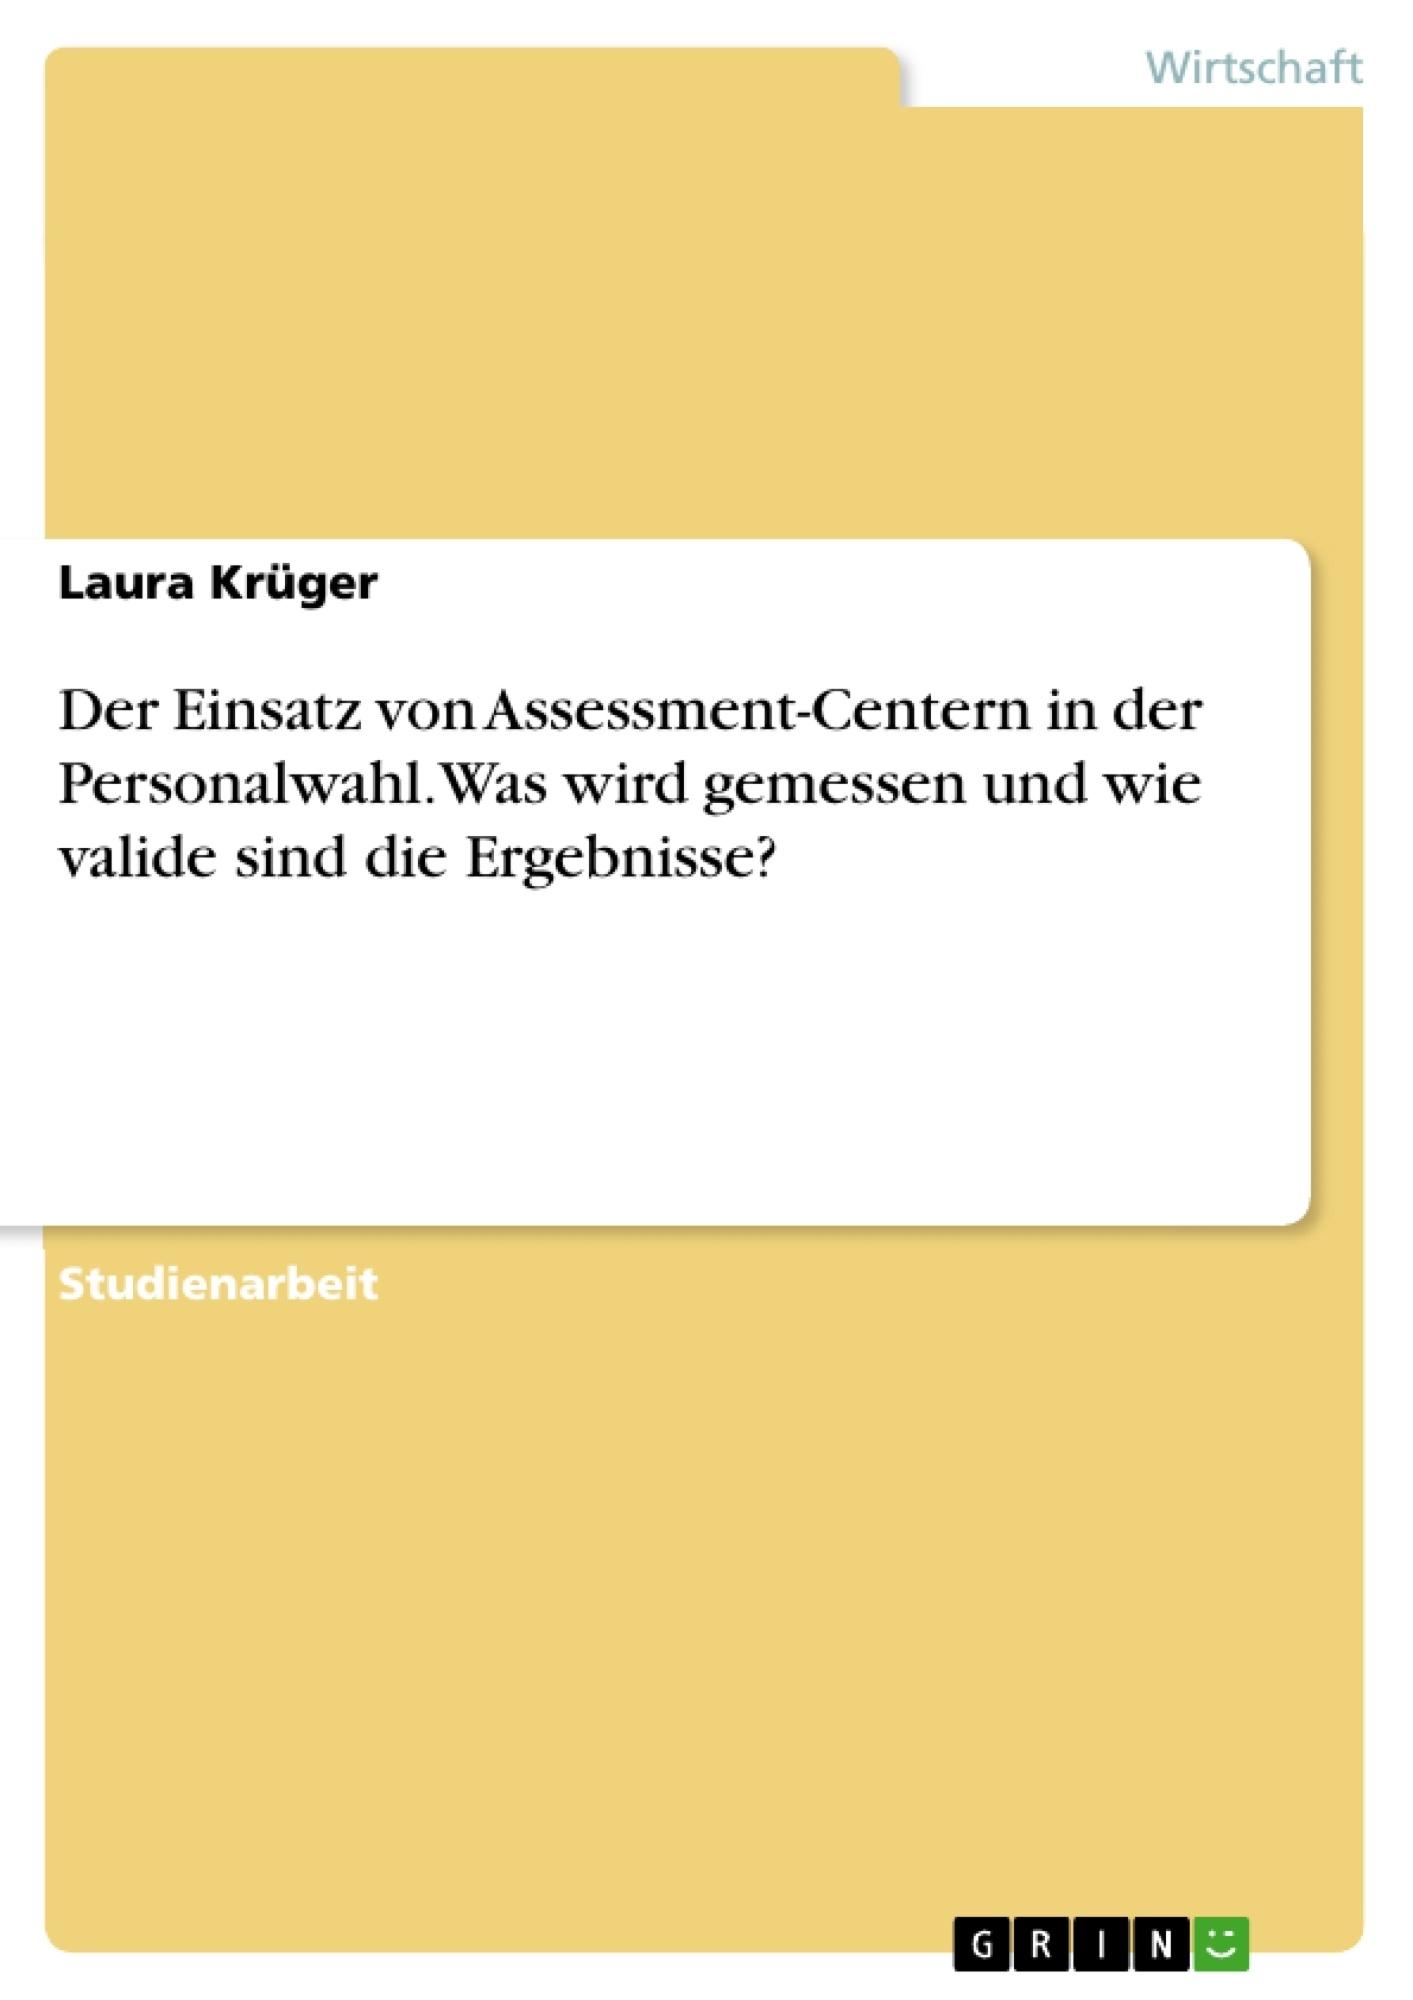 Titel: Der Einsatz von Assessment-Centern in der Personalwahl. Was wird gemessen und wie valide sind die Ergebnisse?